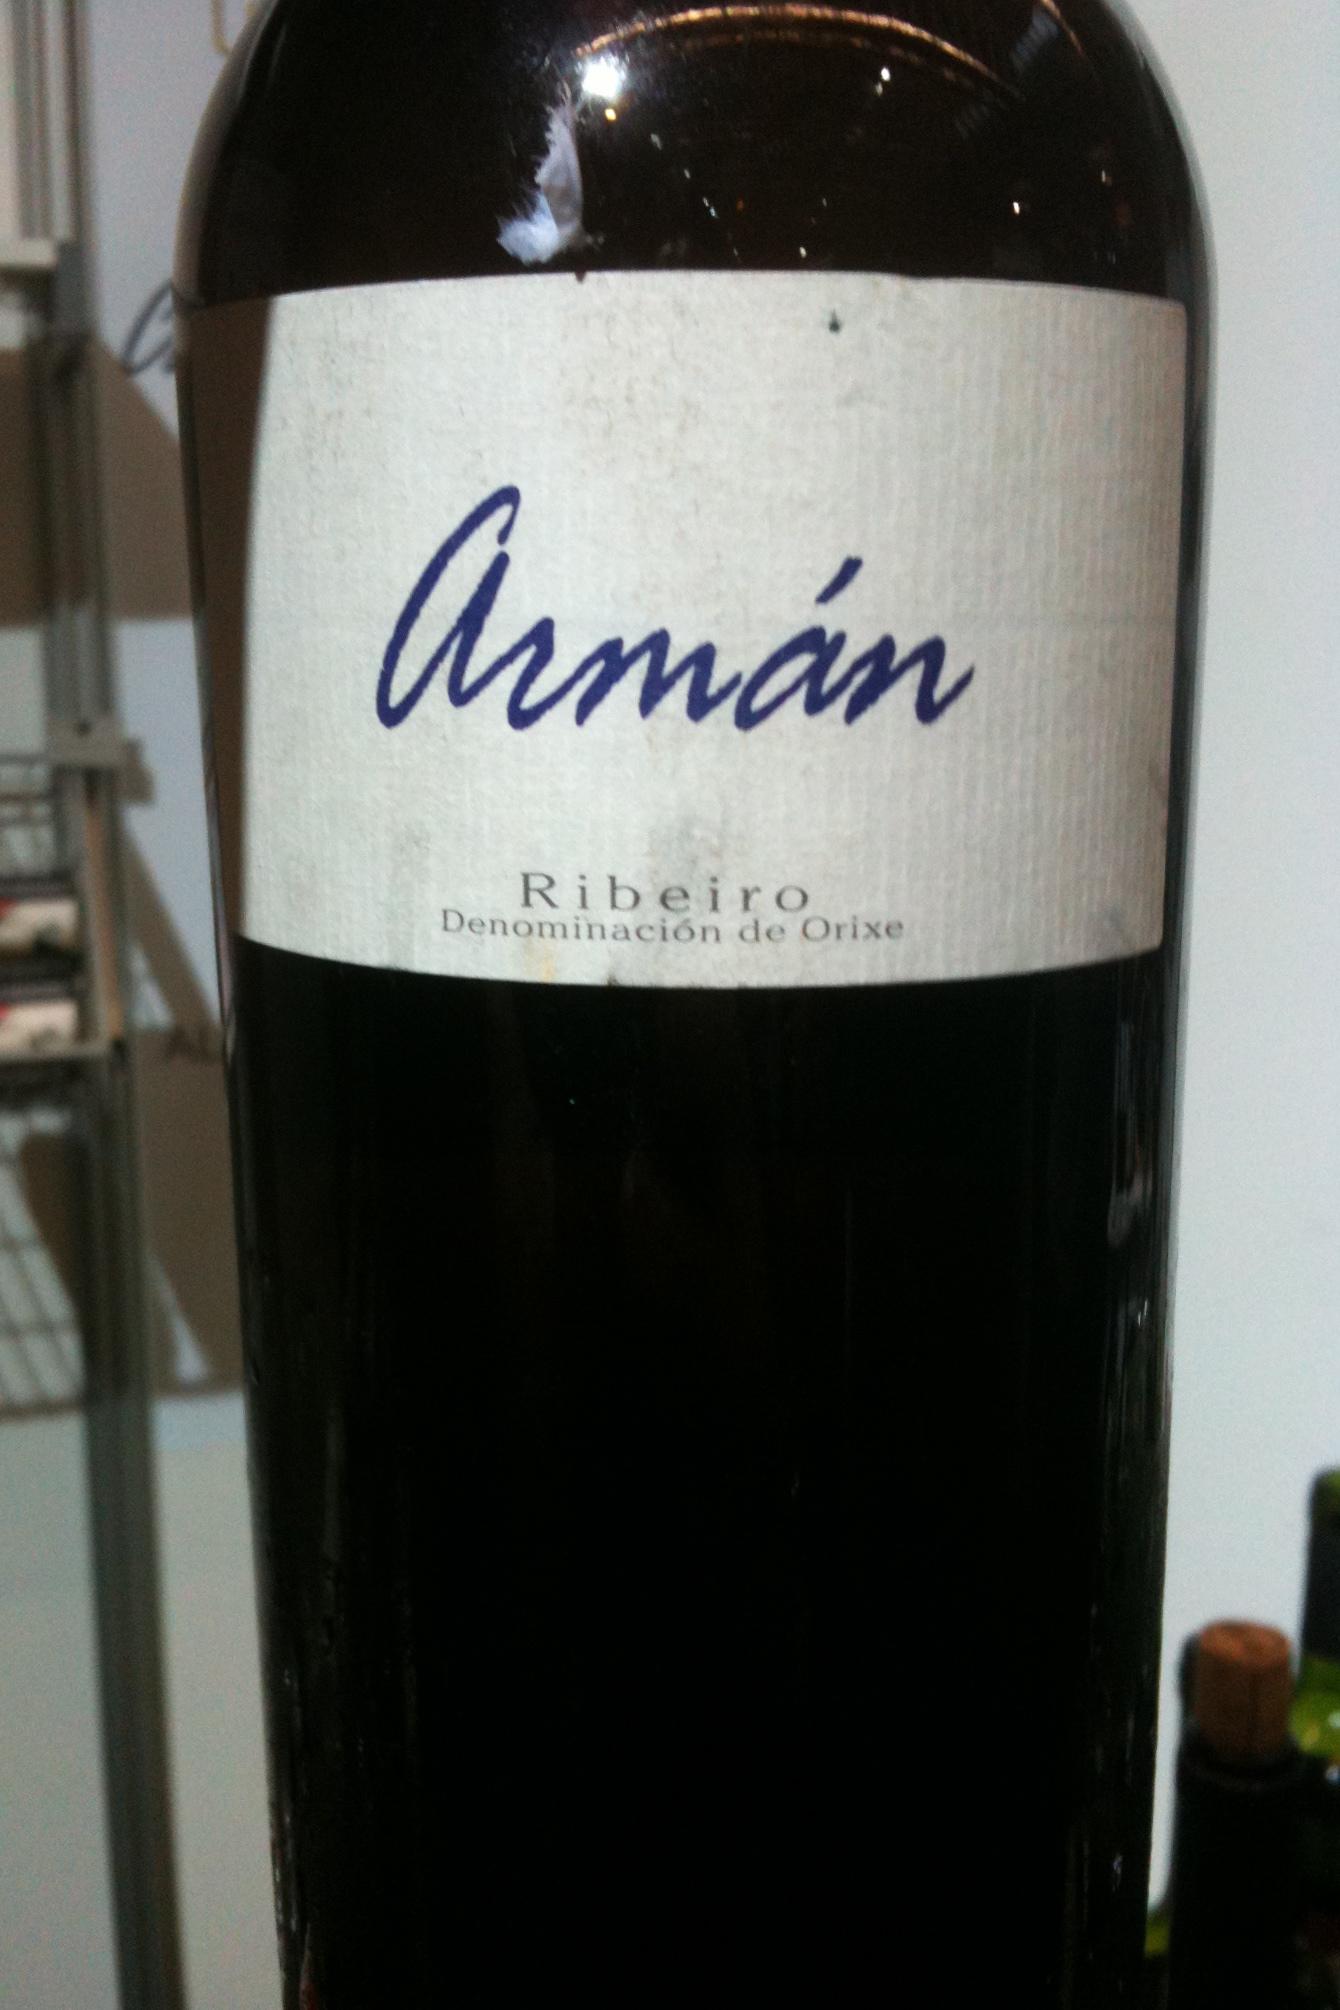 DO Ribeiro wine from Galicia in Spain